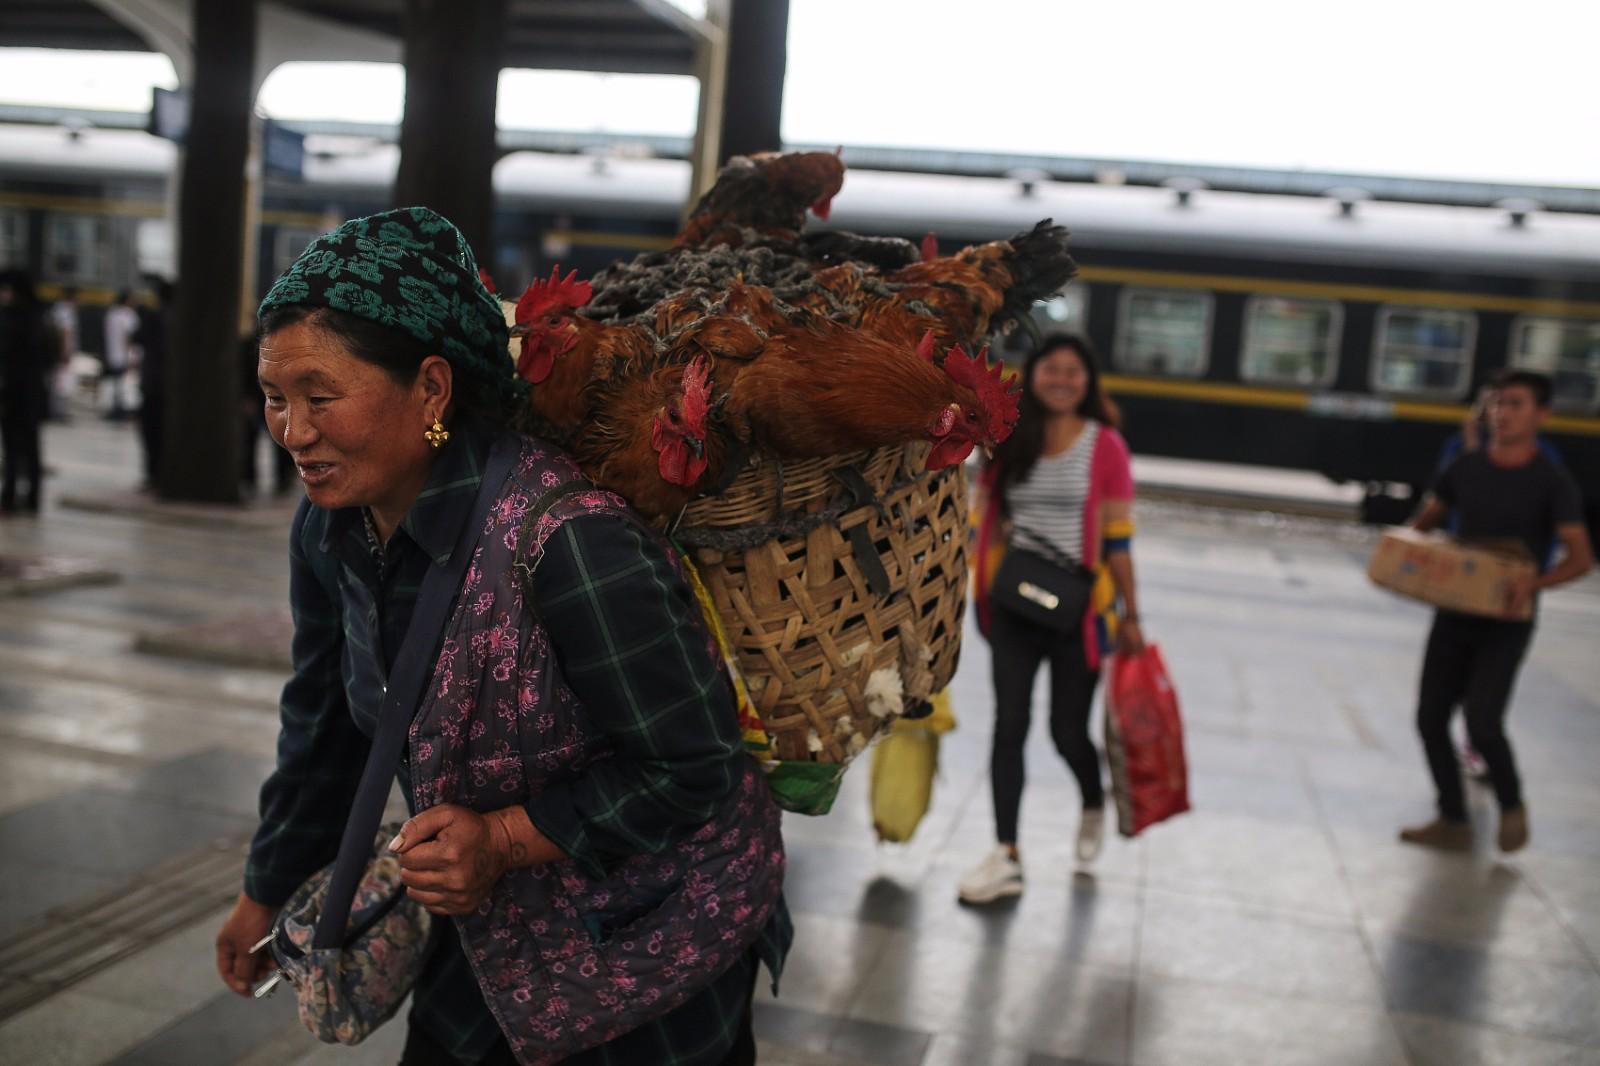 目前,全国铁路共开行这样的公益扶贫列车81对,主要分布在西南、西北和东北偏远贫困地区,2016年共运送旅客近3000万人次。